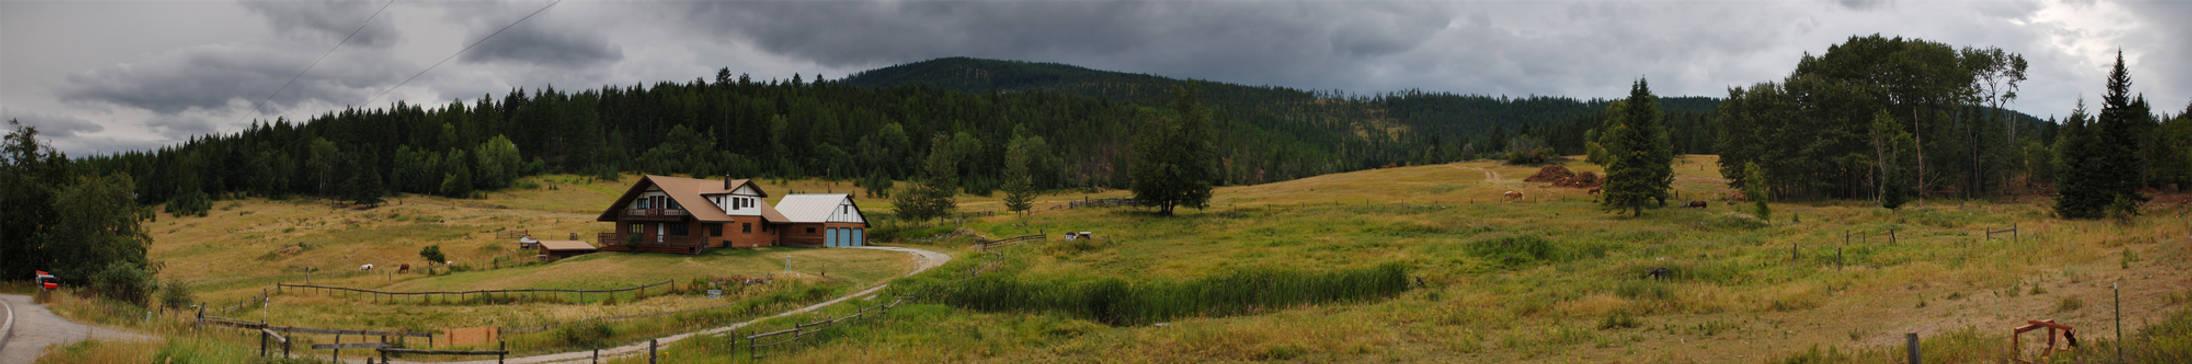 Kalispell Ranch 2007-08-19